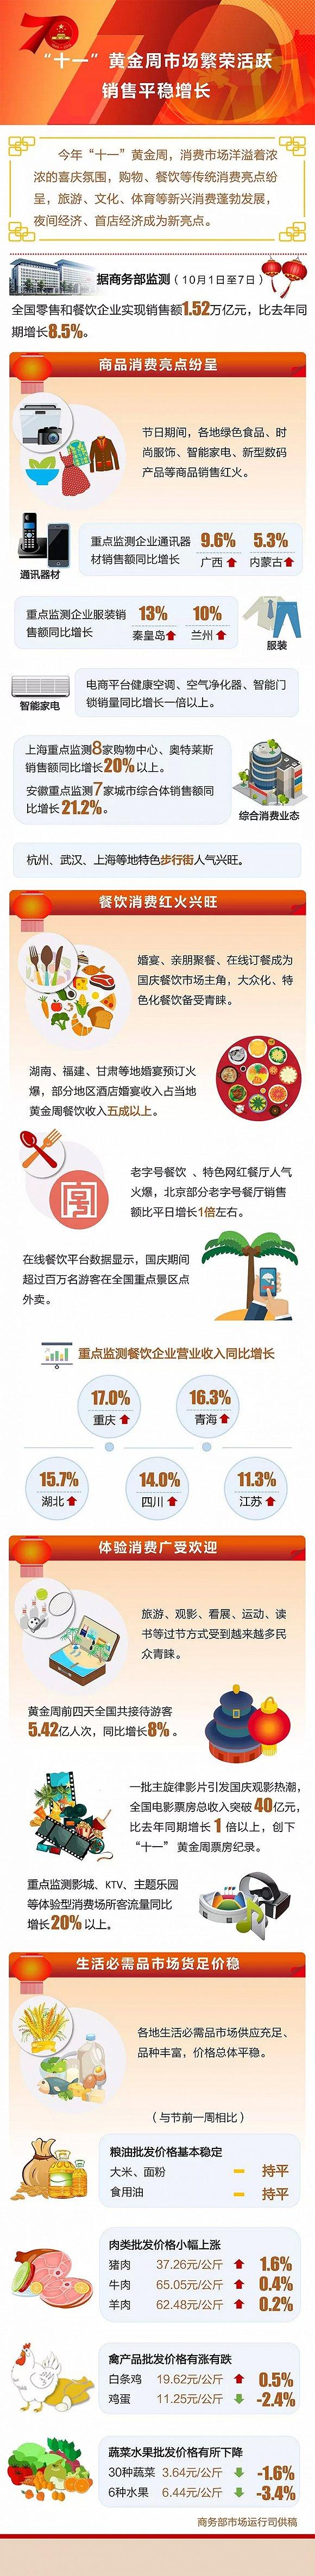 李克强:中国经济发展有巨大的韧性、潜力和回旋余地